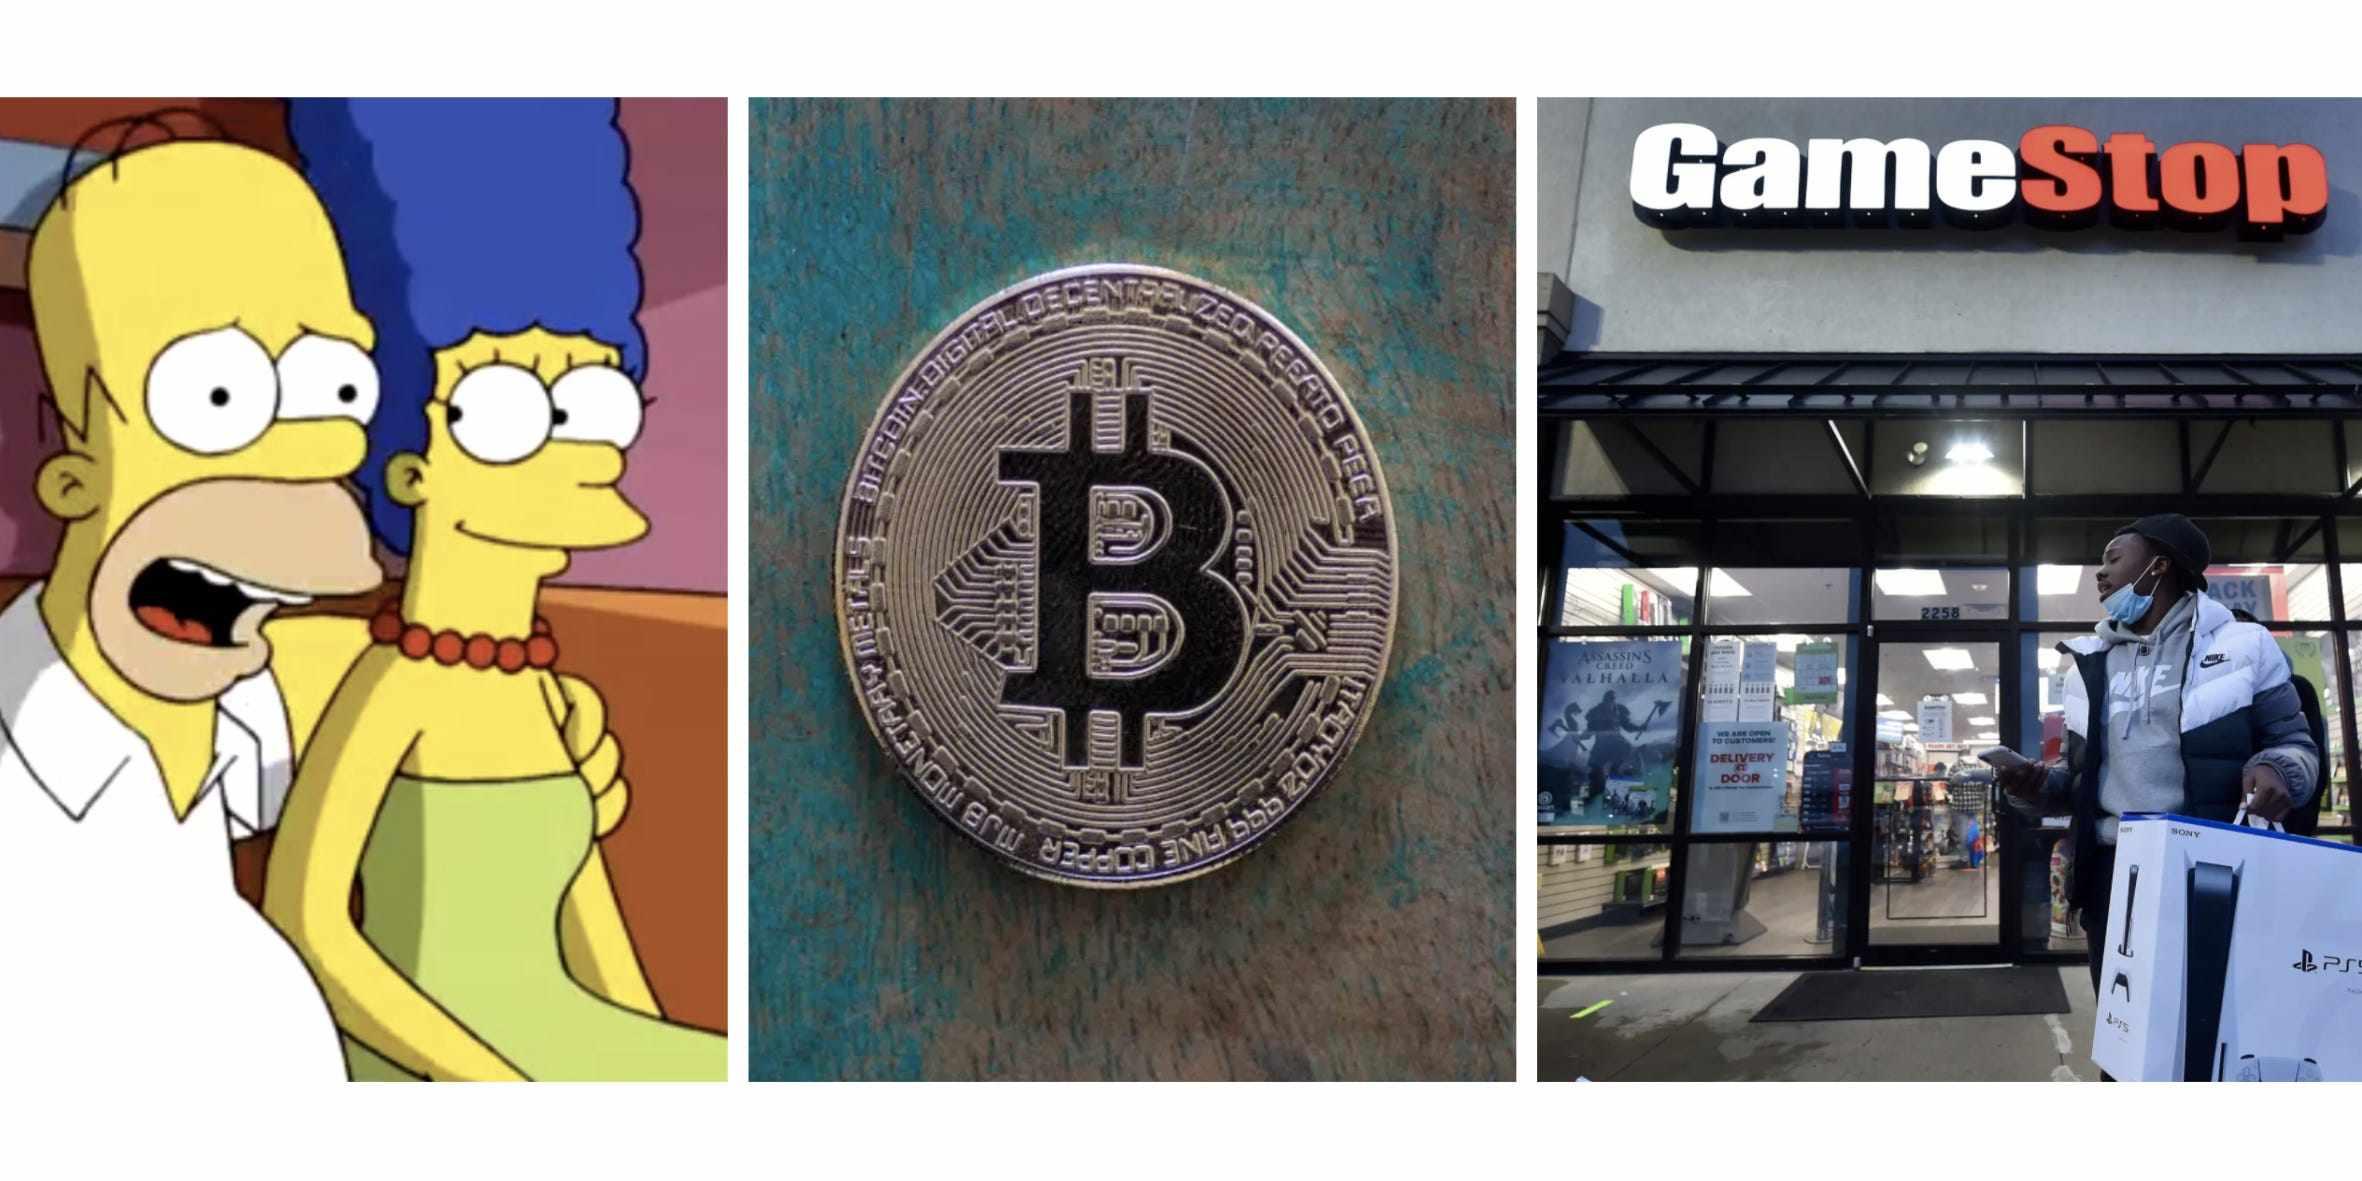 infinity bitcoin simpsons episode gamestop